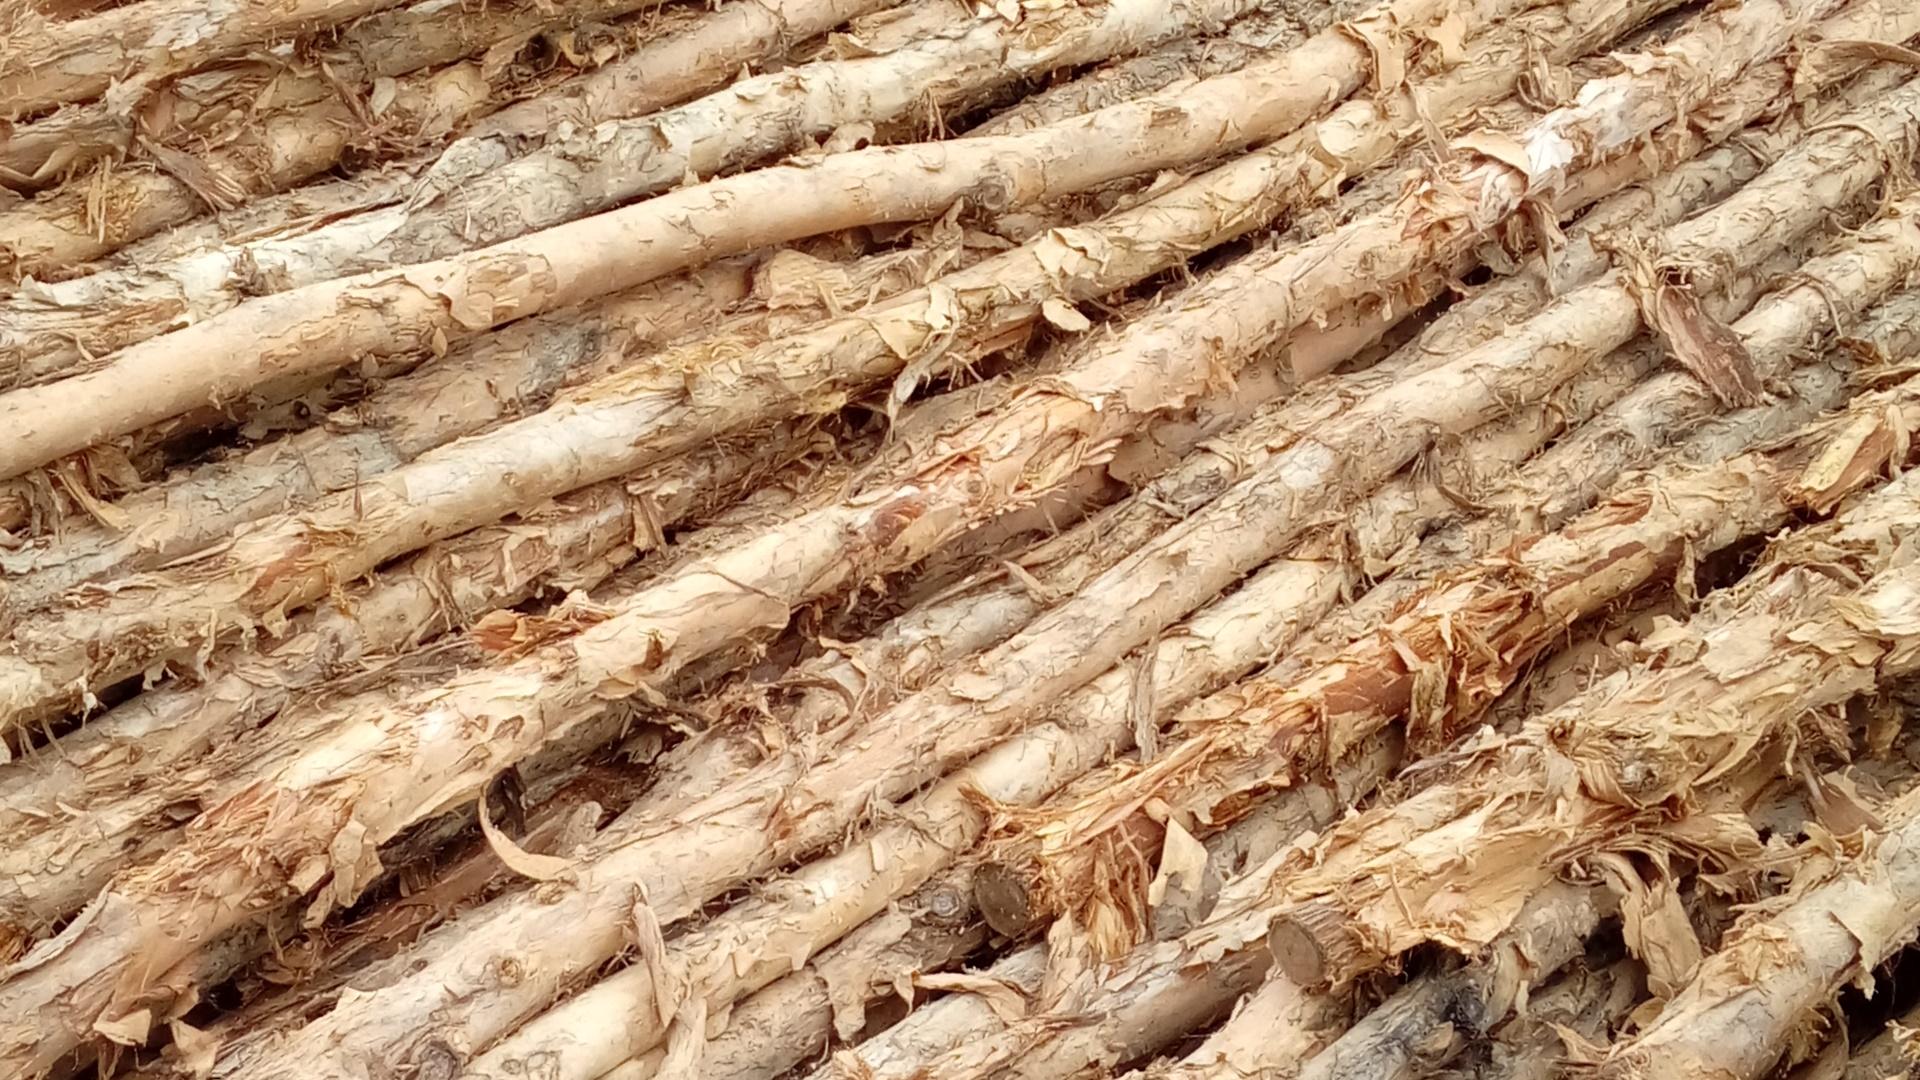 Jual kayu dolken gelam 6 - 8 cm 4 m